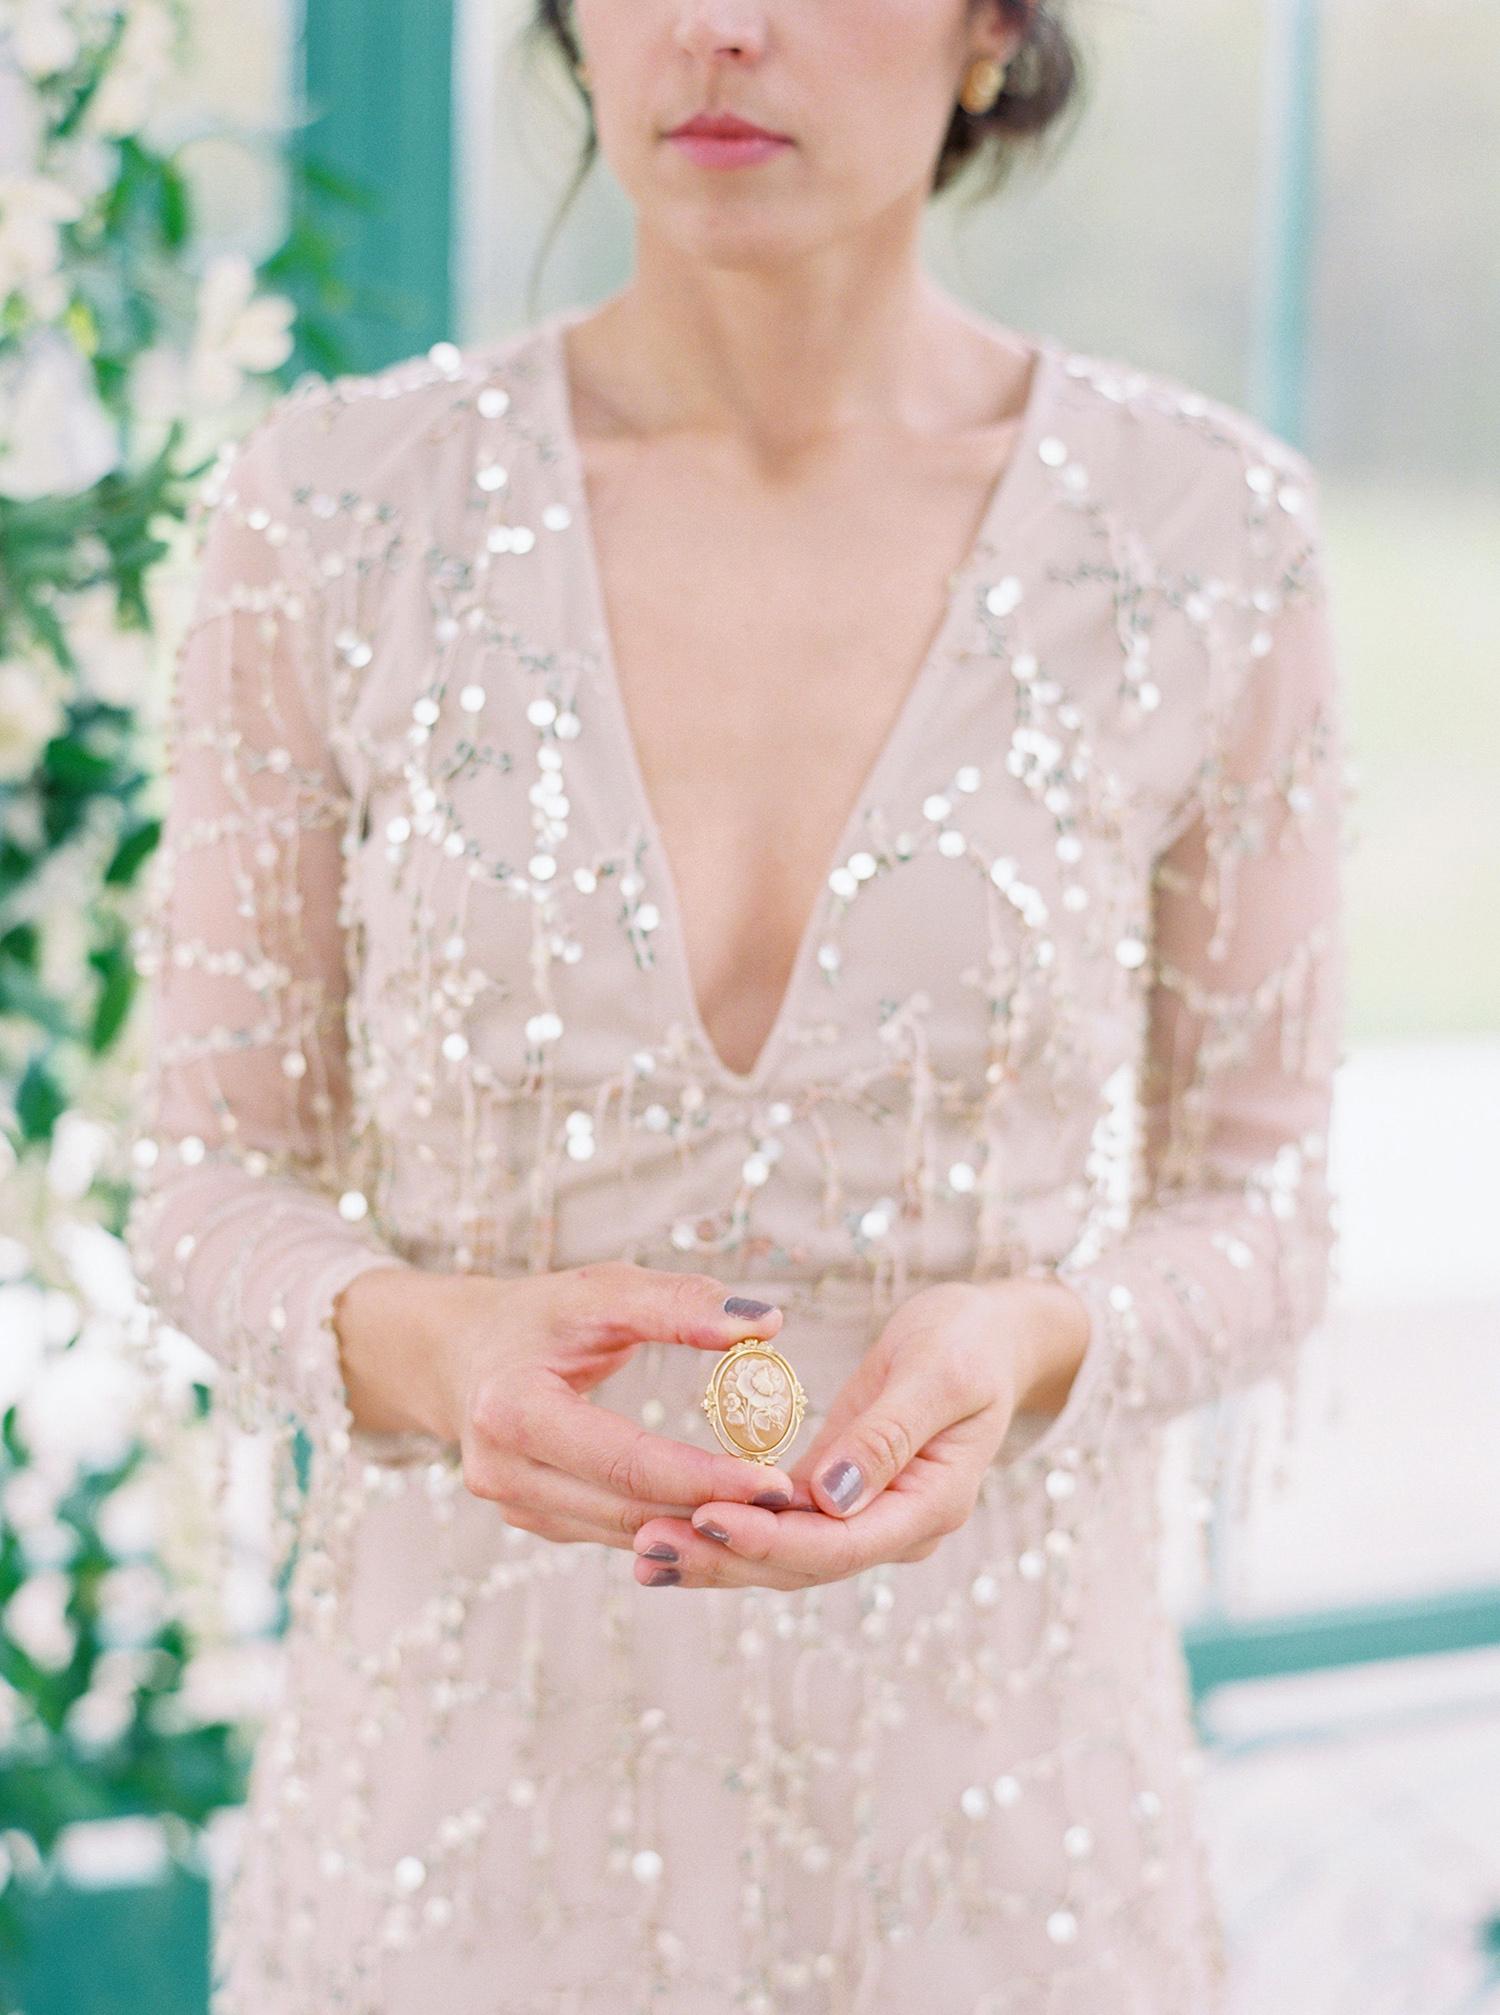 evan dustin vow renewal bride heirloom brooch